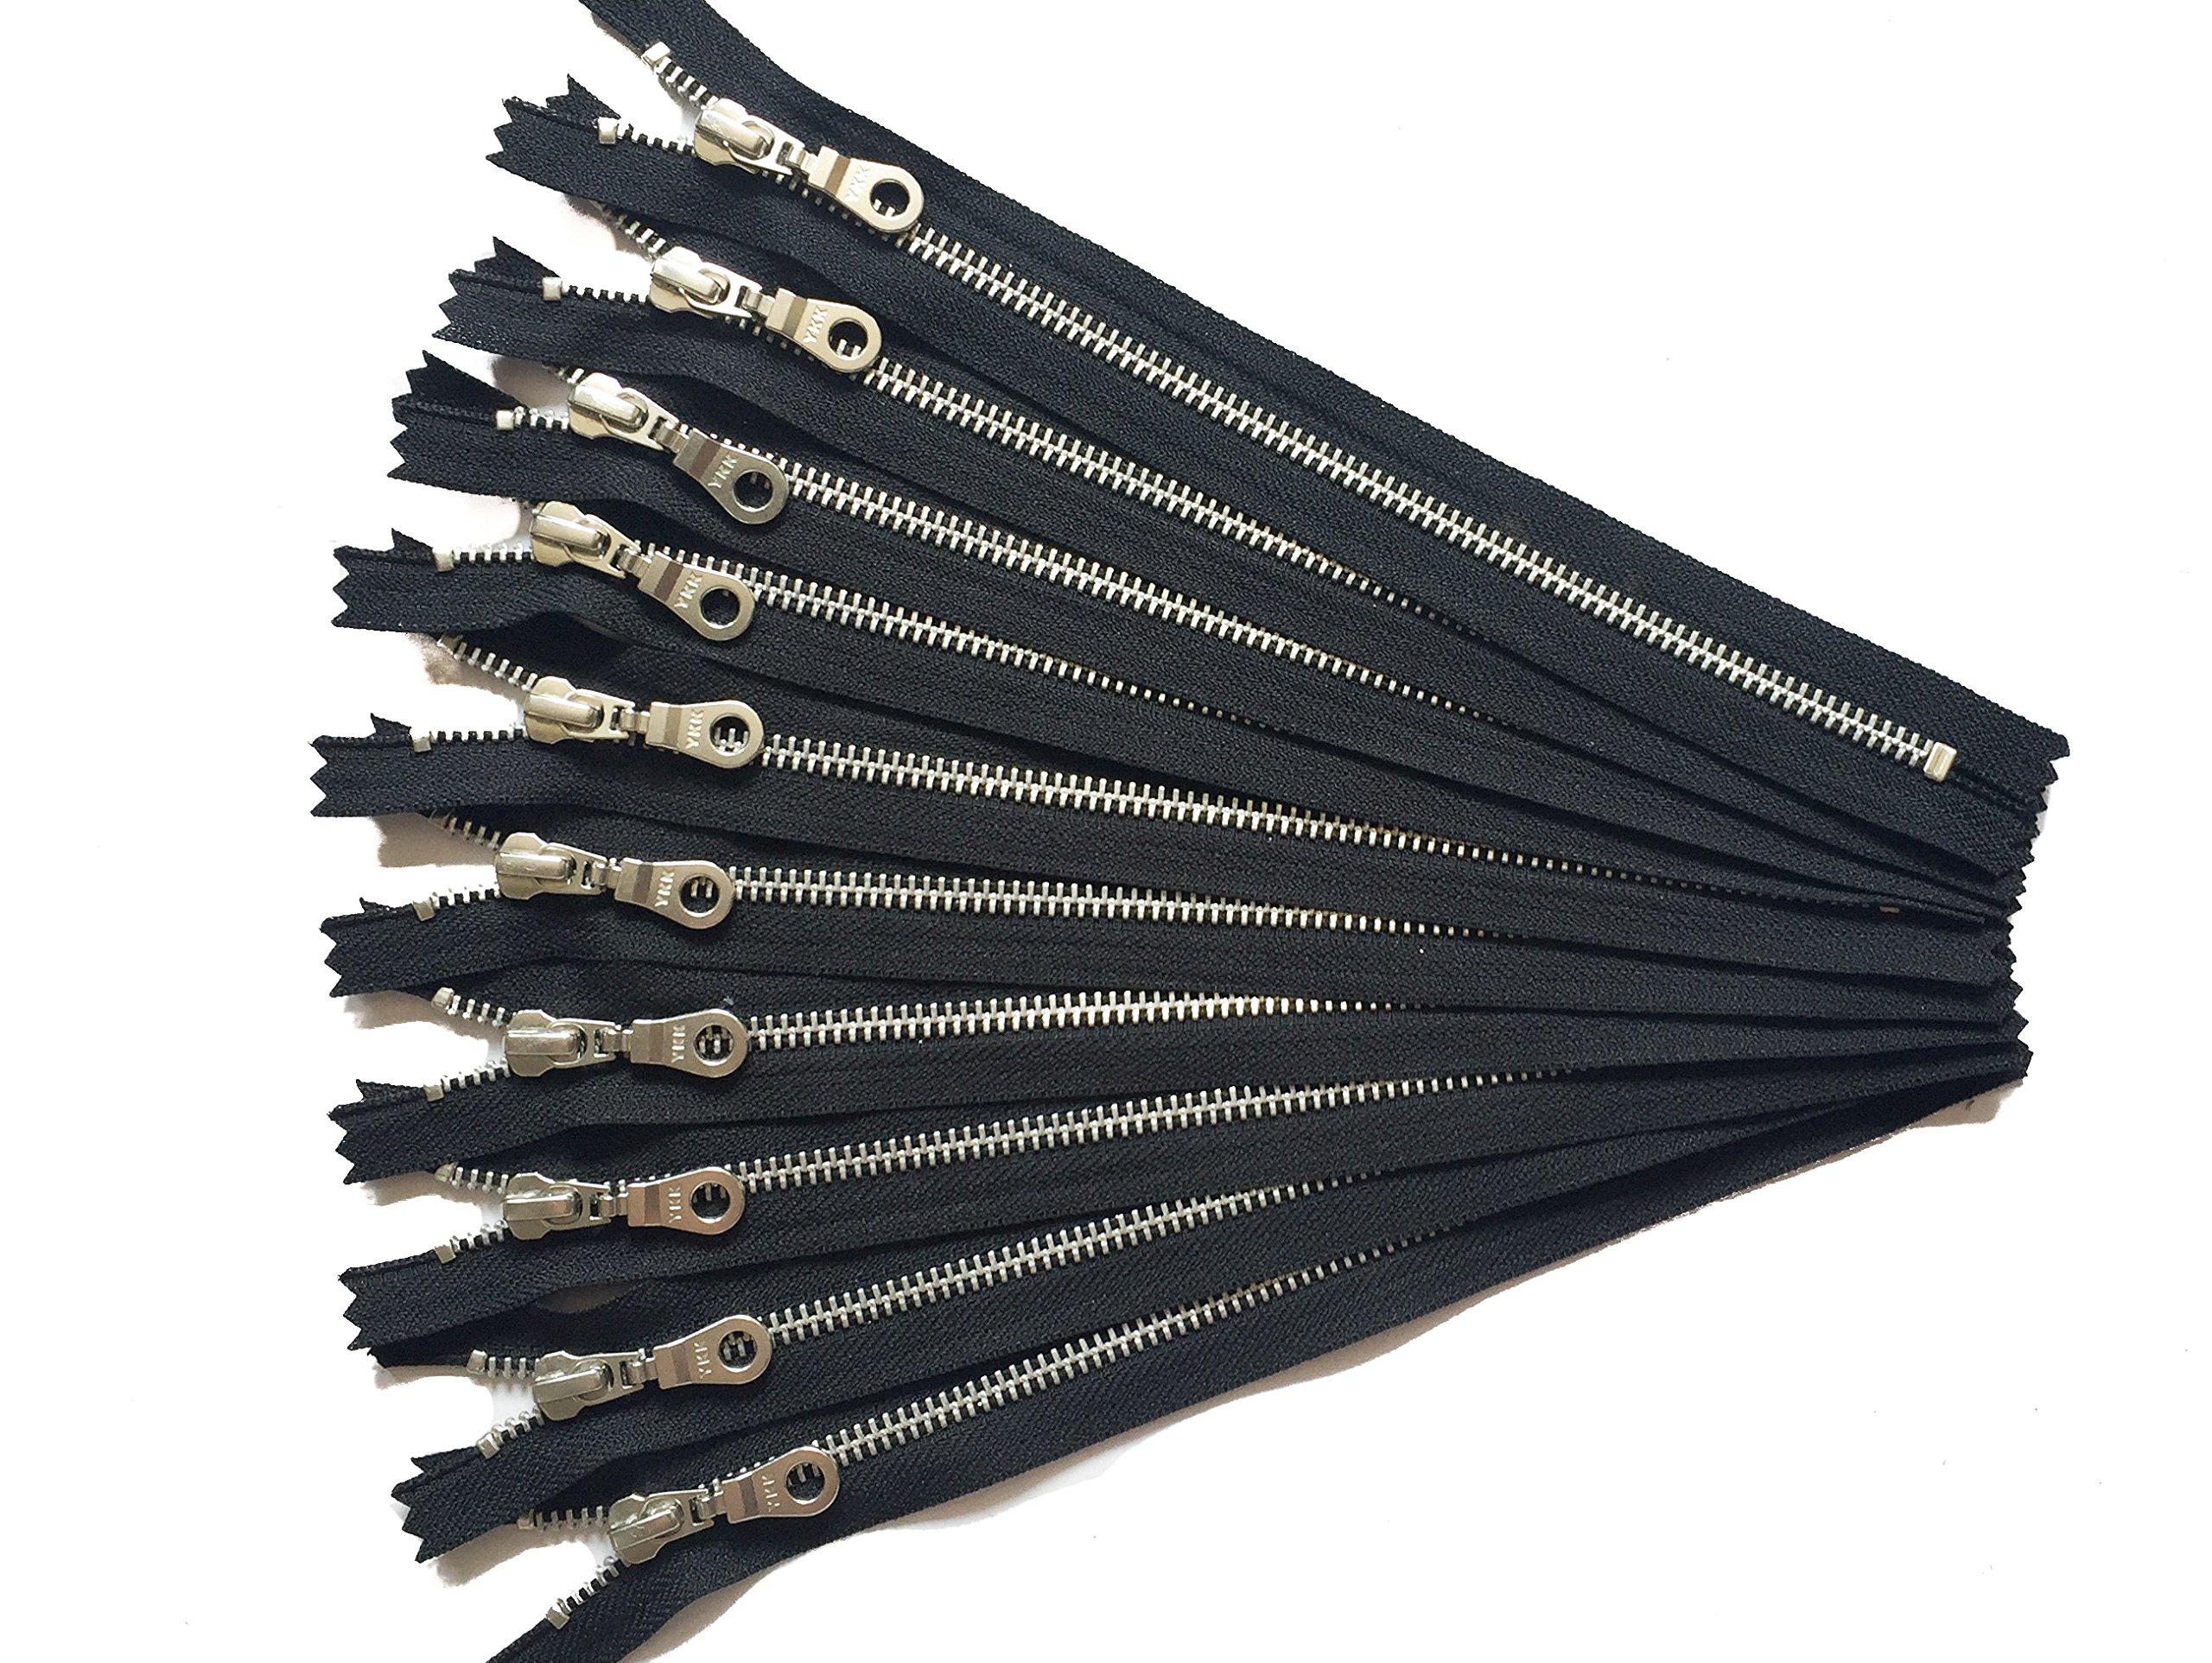 YKK fermetures métalliques en aluminium avec Donut Pull 25,4cm Numéro 5en noir Argent dents Lot de 10pièces par Craftbot